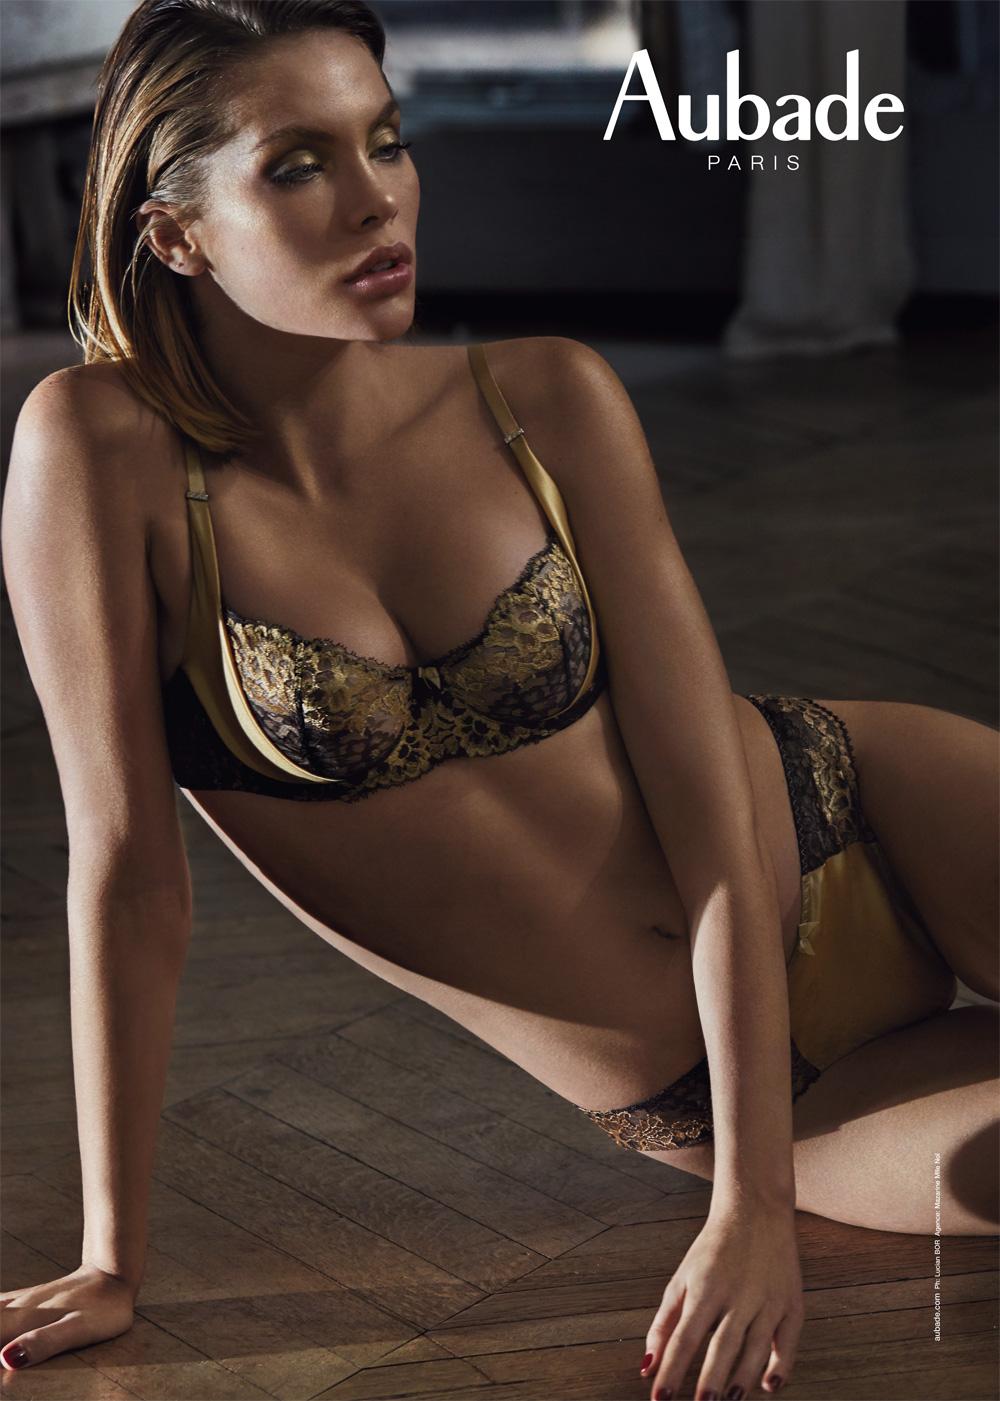 femme mannequin lingerie pour Aubade Paris porte ensemble de lingerie soutien-gorge corbeille et slip italien en dentelle leavers bicolore noir et or et satin de soie doré ultra raffinée